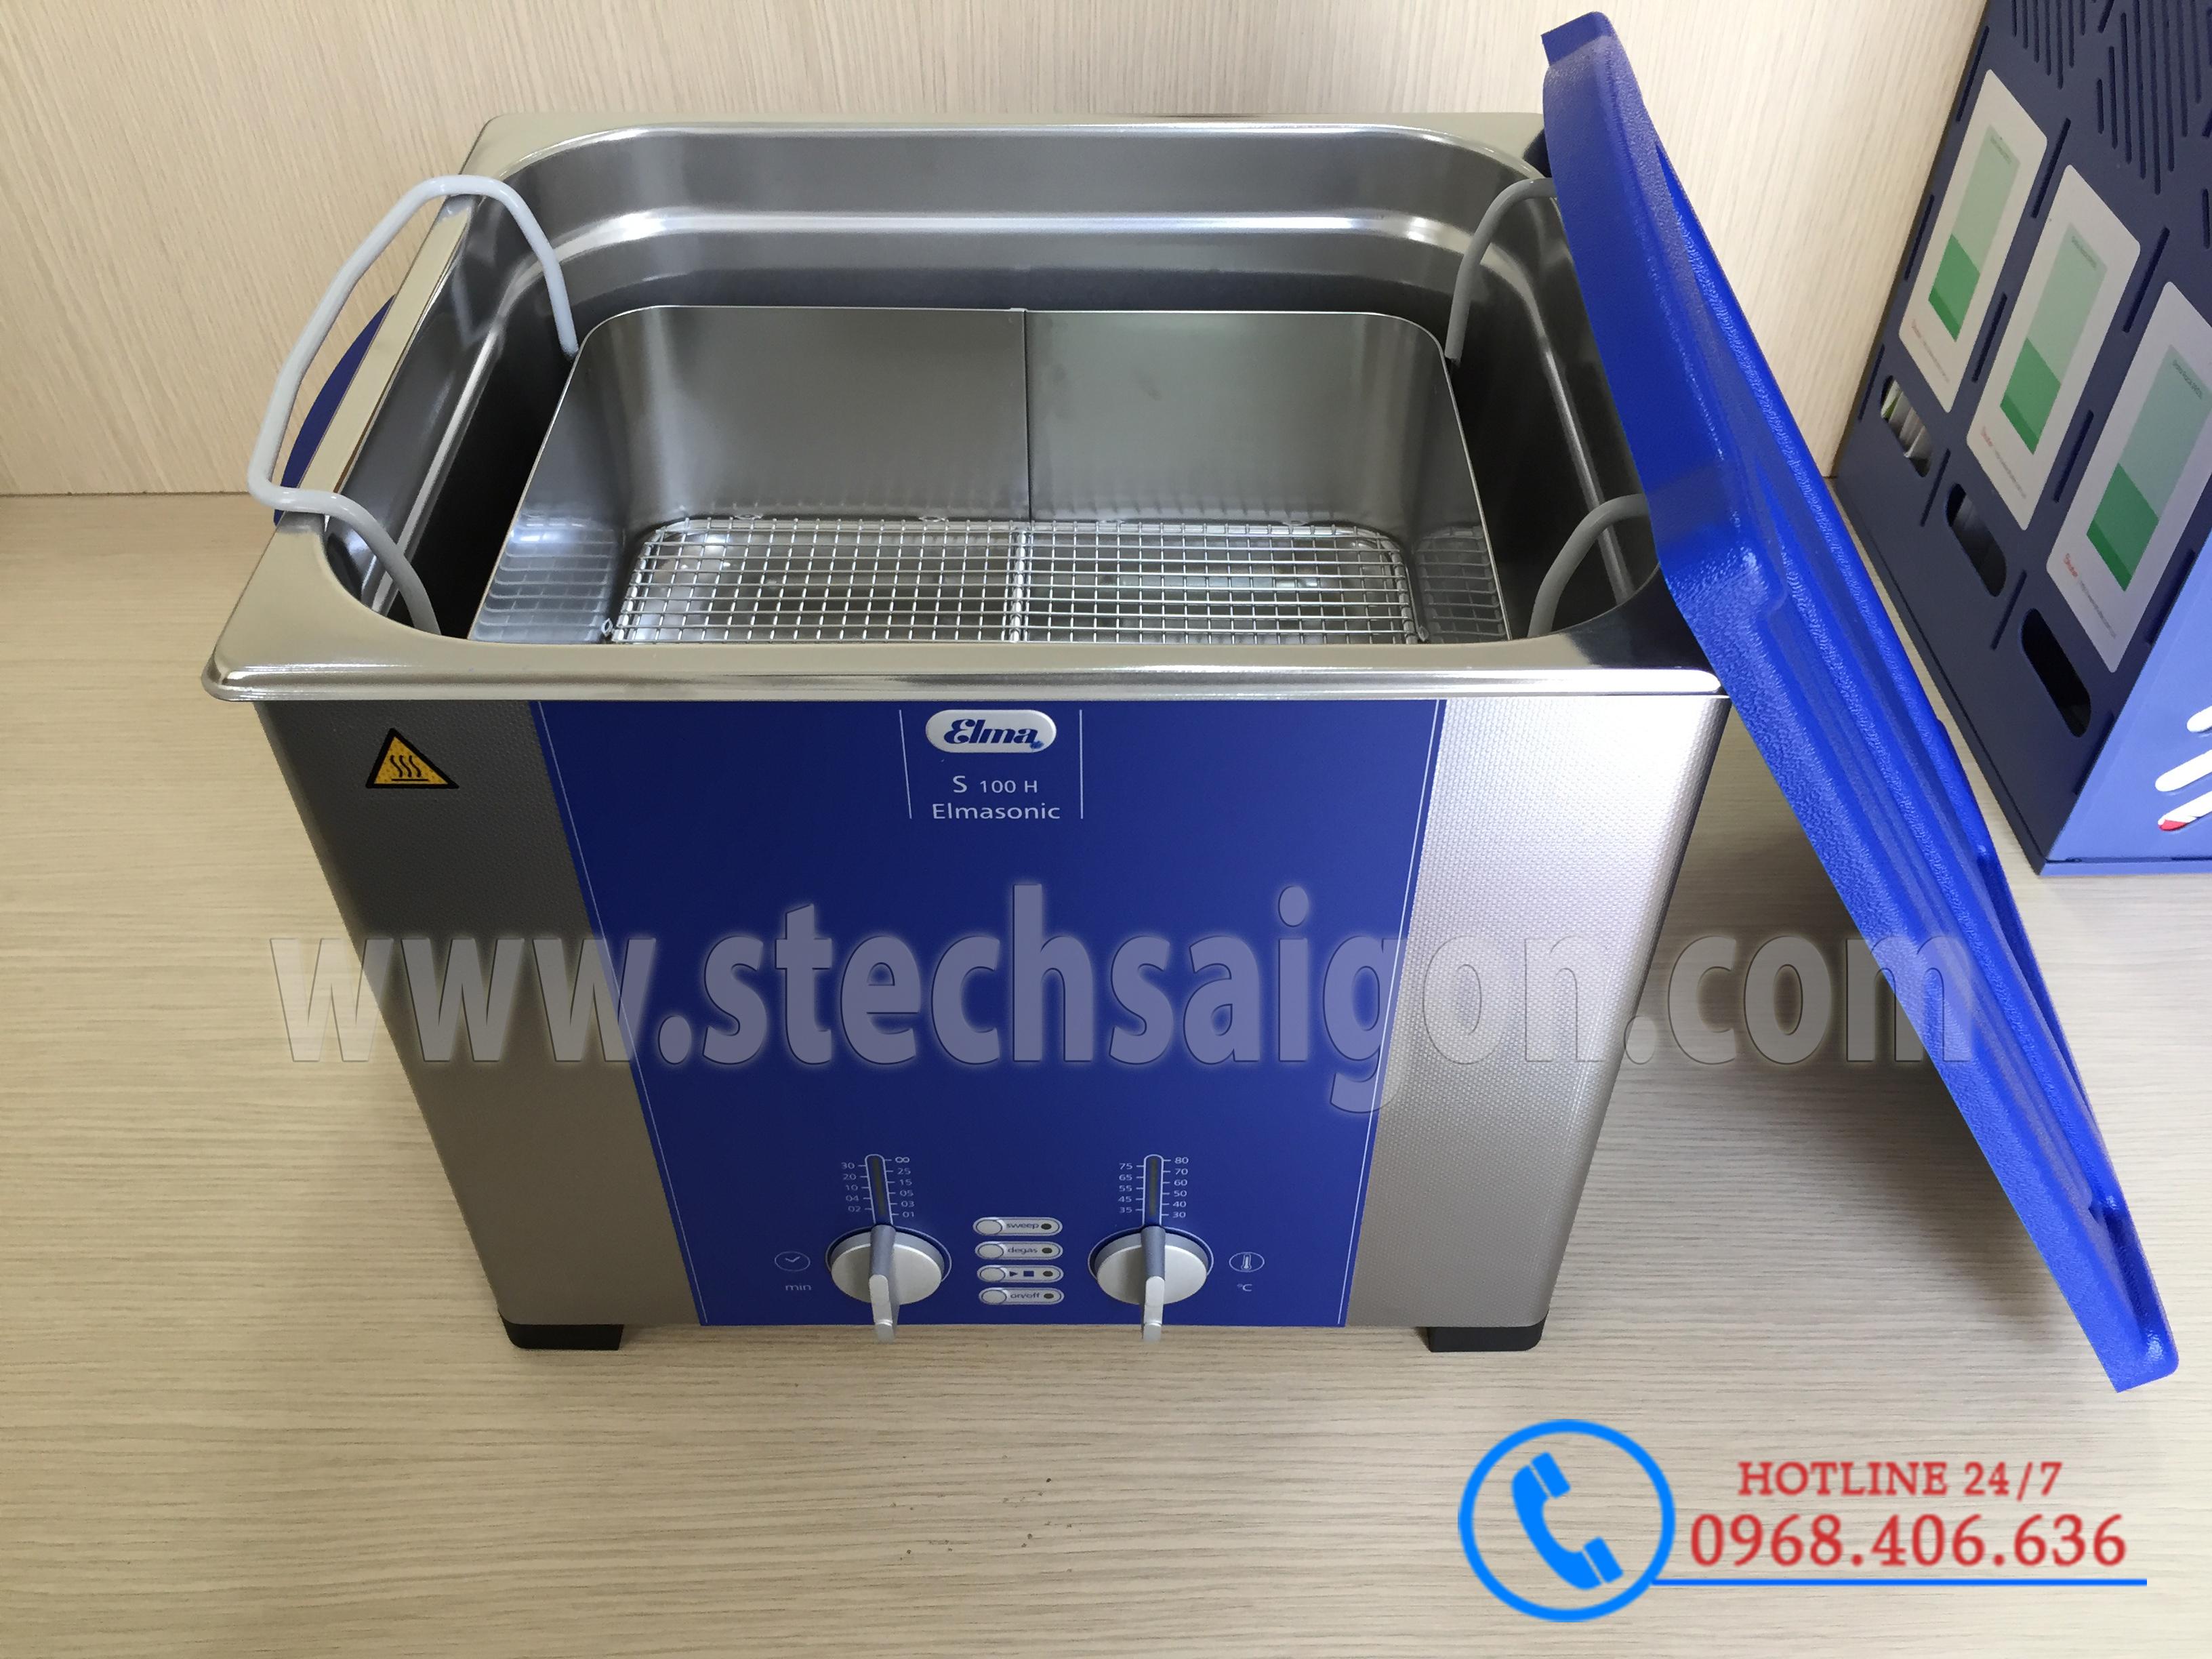 Hình ảnh Bể rửa siêu âm Elma™ S10 - 0.8 lít sản phẩm có sẵn tại Stech Sài Gòn